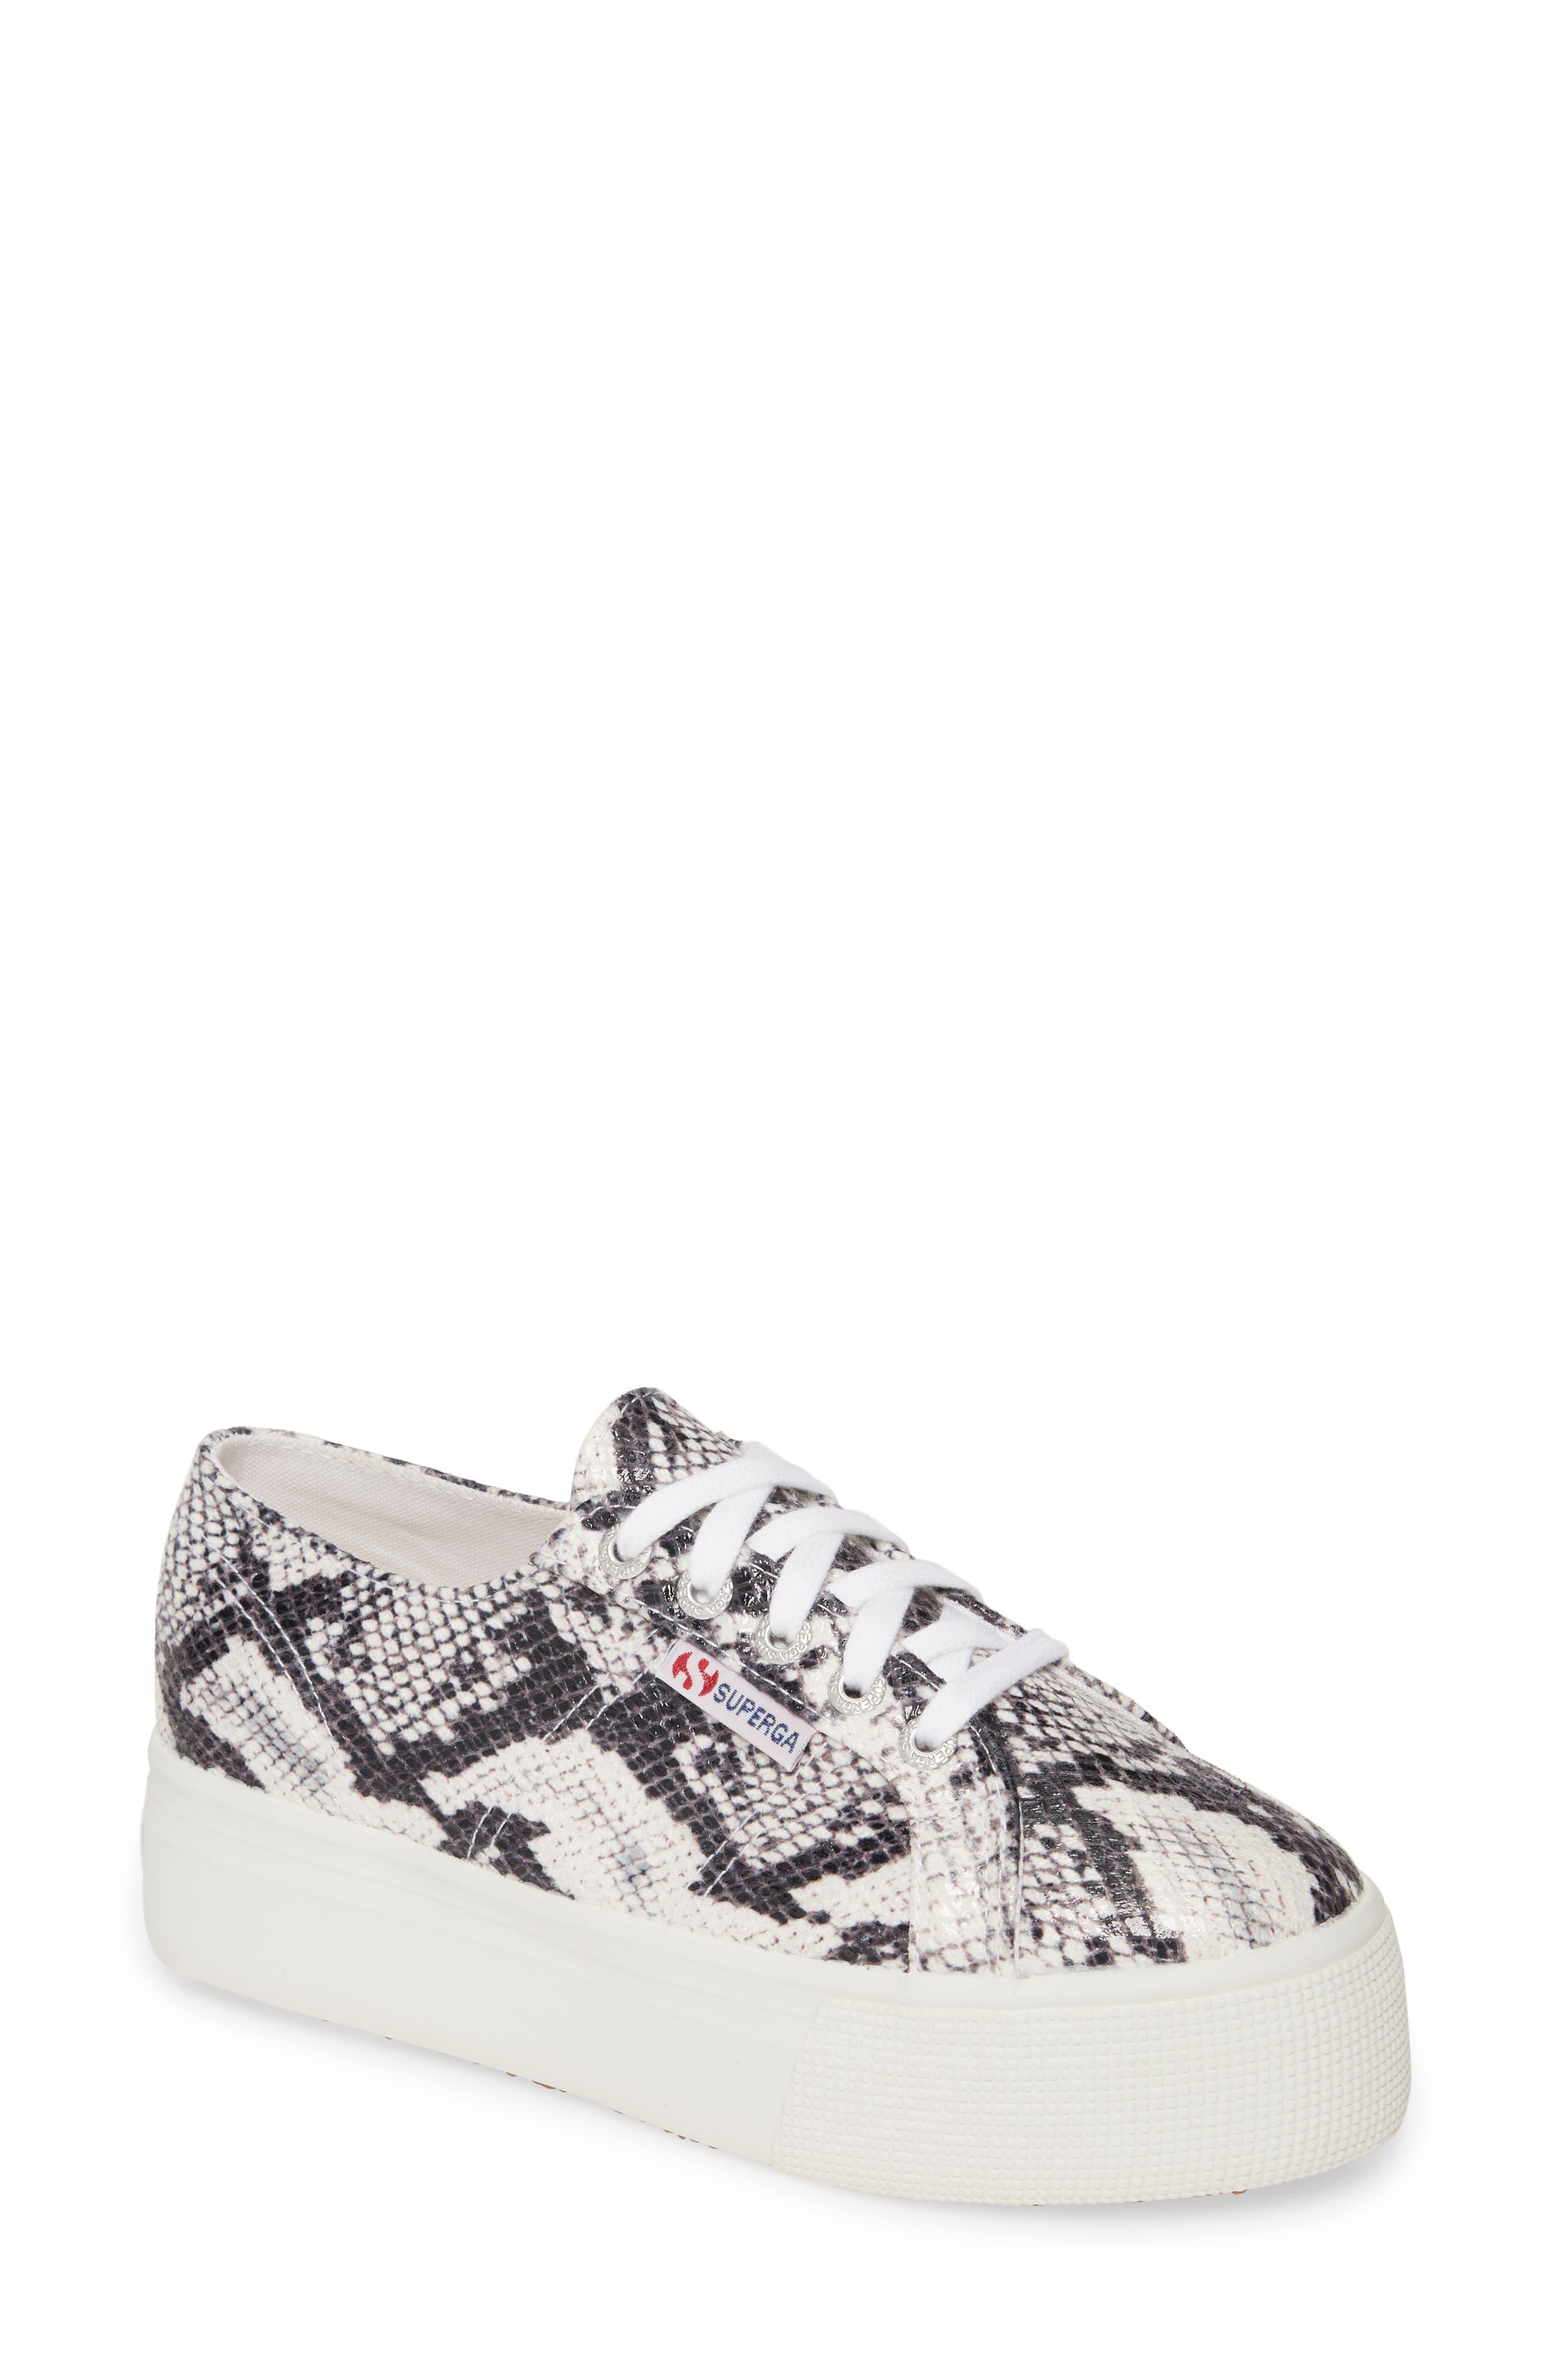 2750 Fancotw Snake Print Sneaker